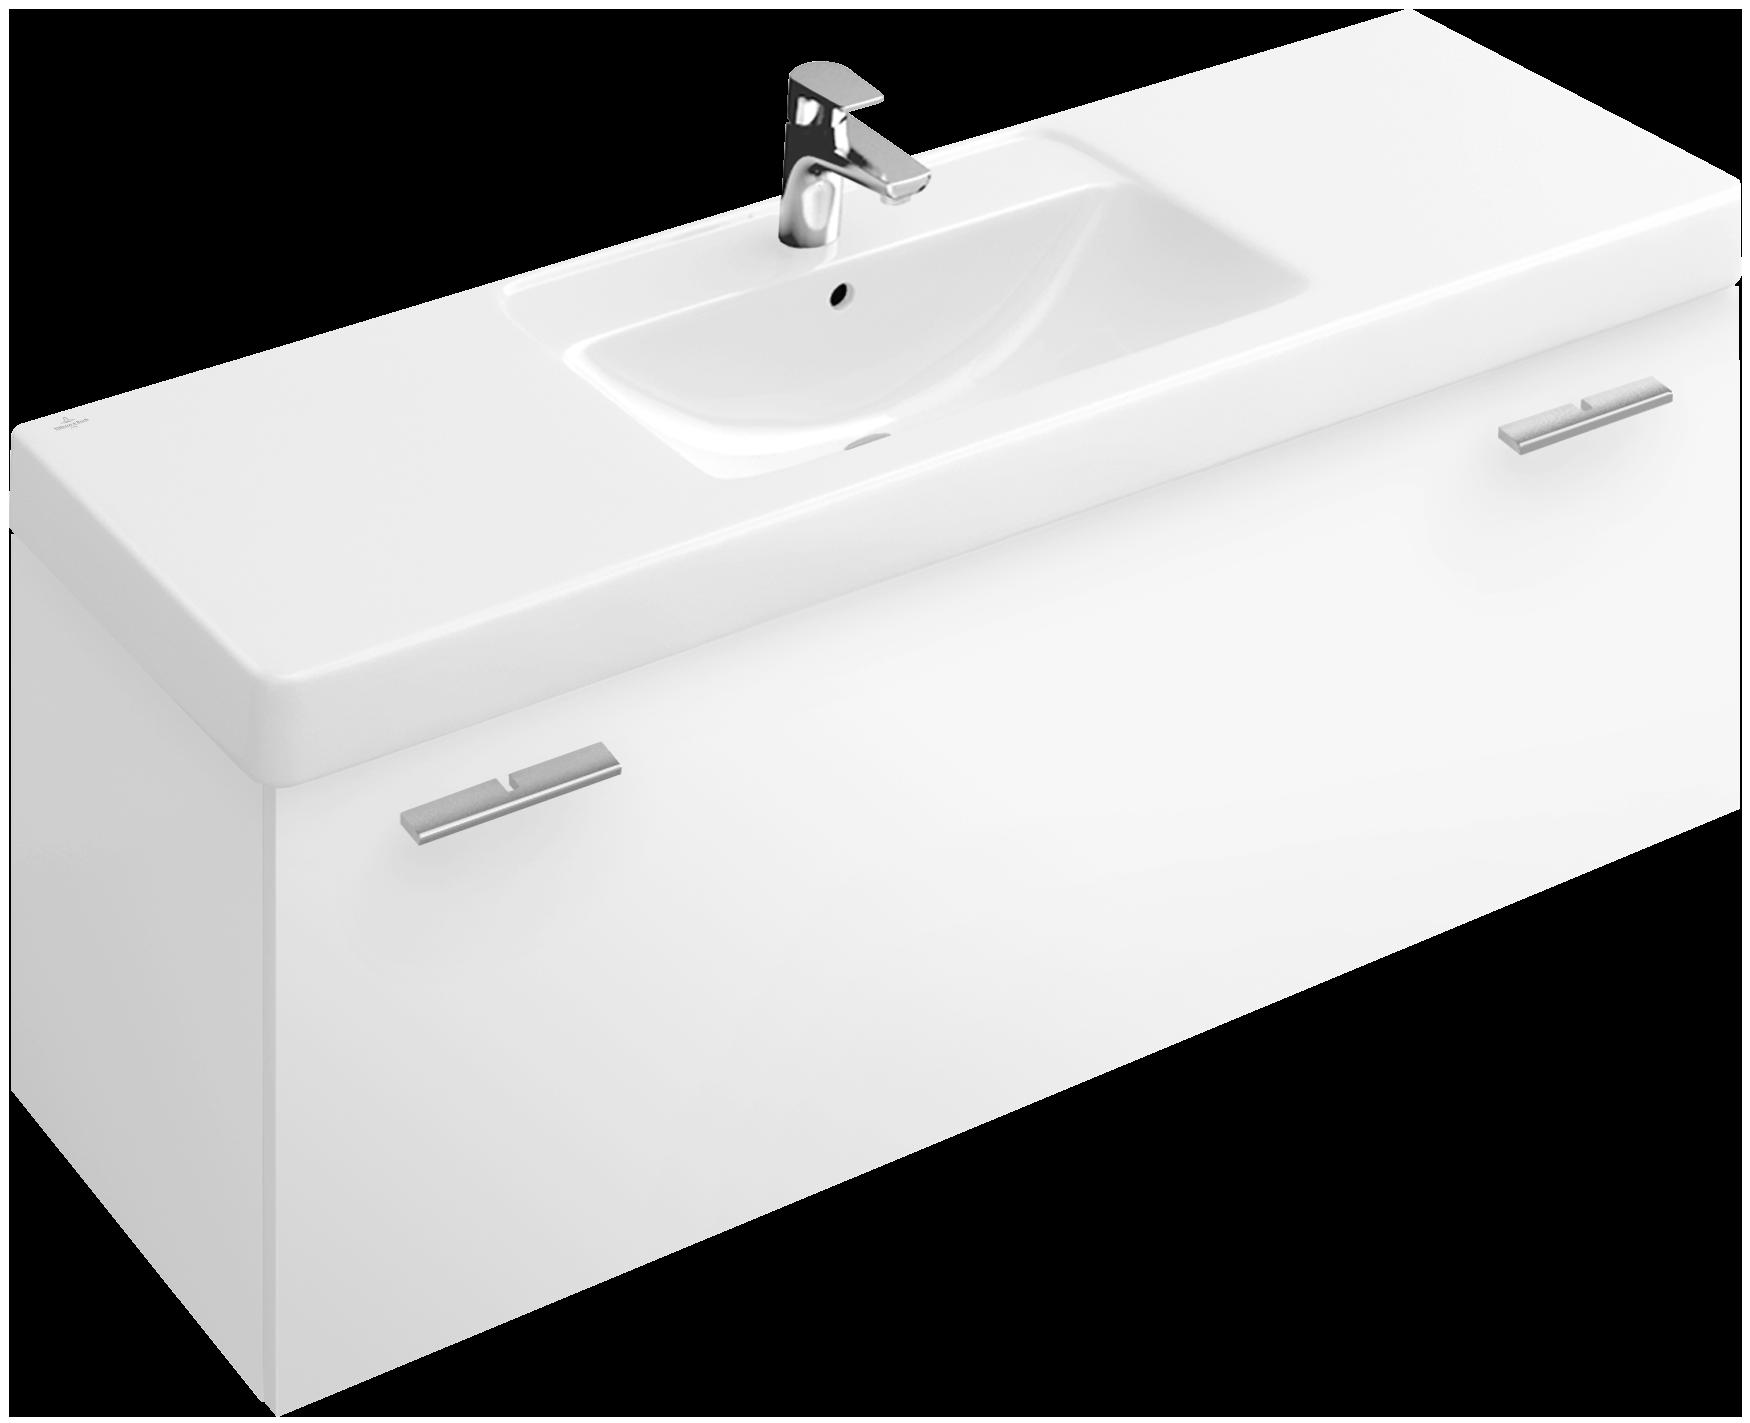 Central Line Bathroom furniture Vanity unit for washbasin Bathroom sink  cabinets  Central Line Vanity unit. Villeroy Boch Bathroom Cabinets